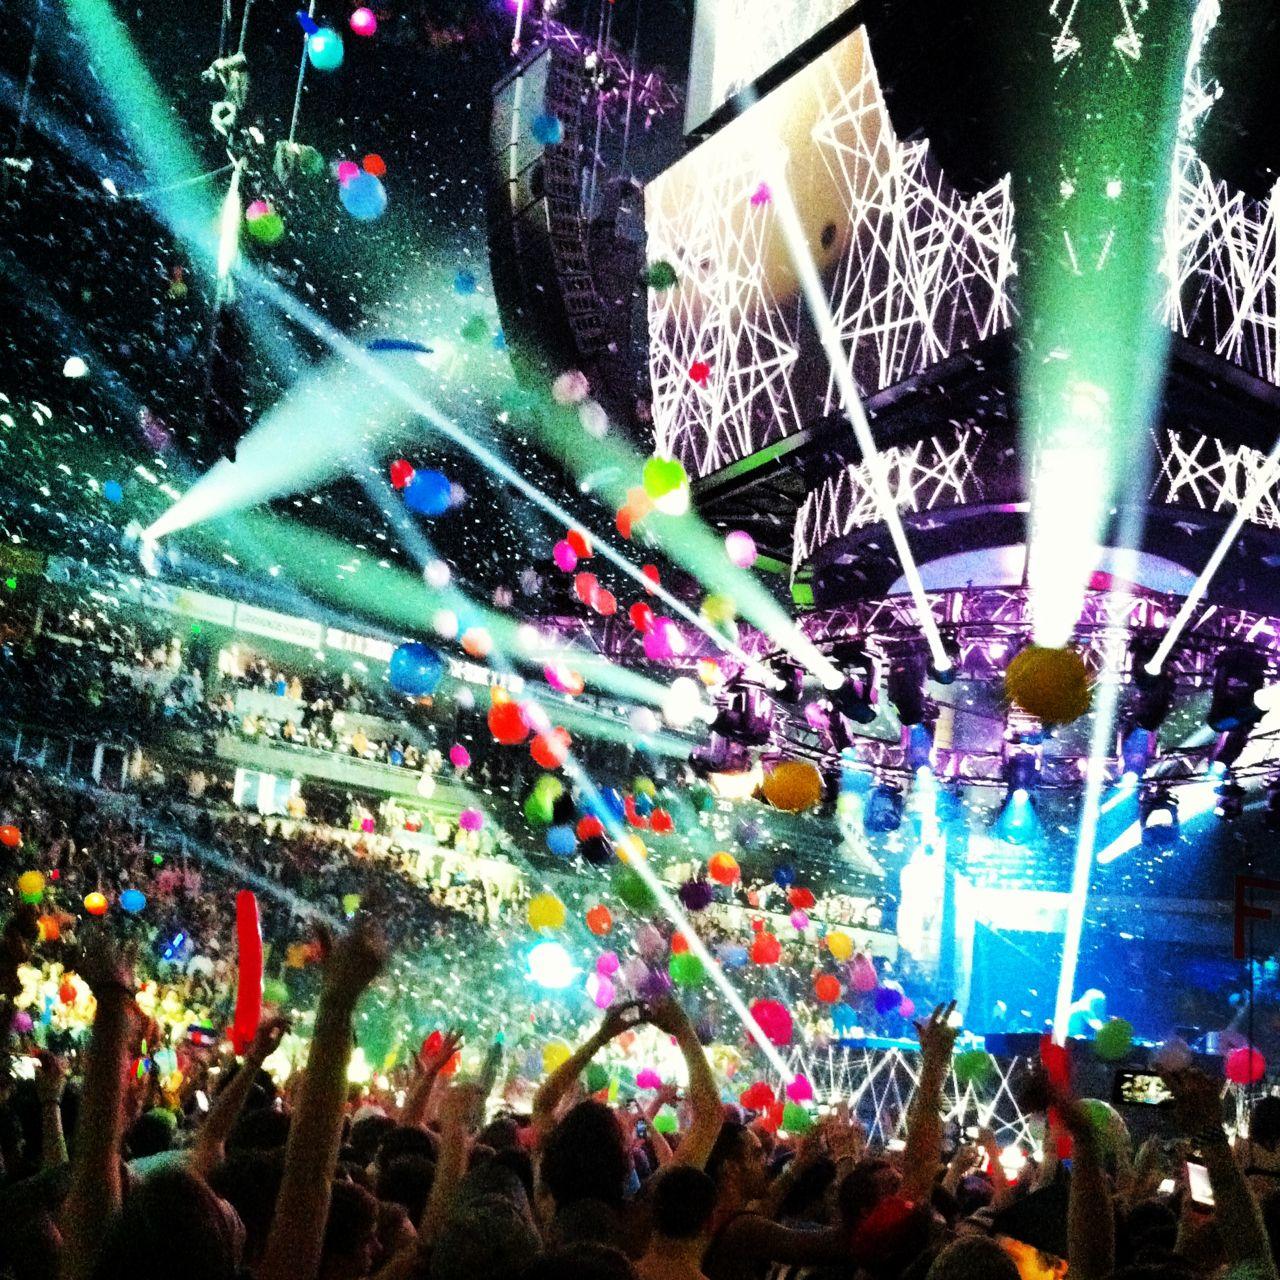 Raves Near Me >> Take Me There Now Edm Lasers Edm Festival Edm Music Edm